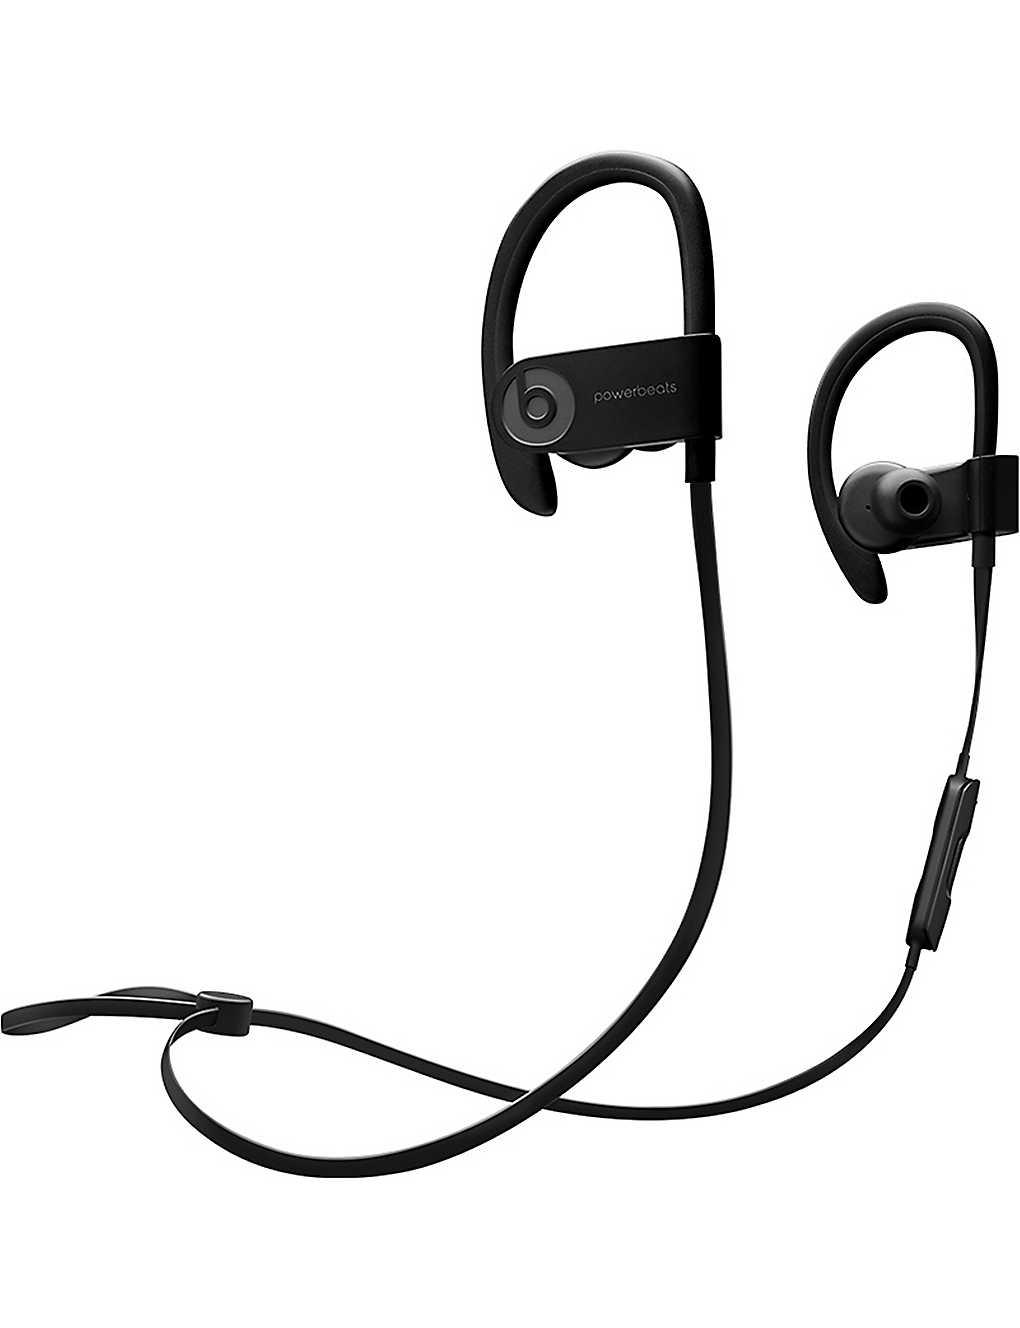 d00178b38a4 Powerbeats3 Wireless earphones; Powerbeats3 Wireless earphones ...